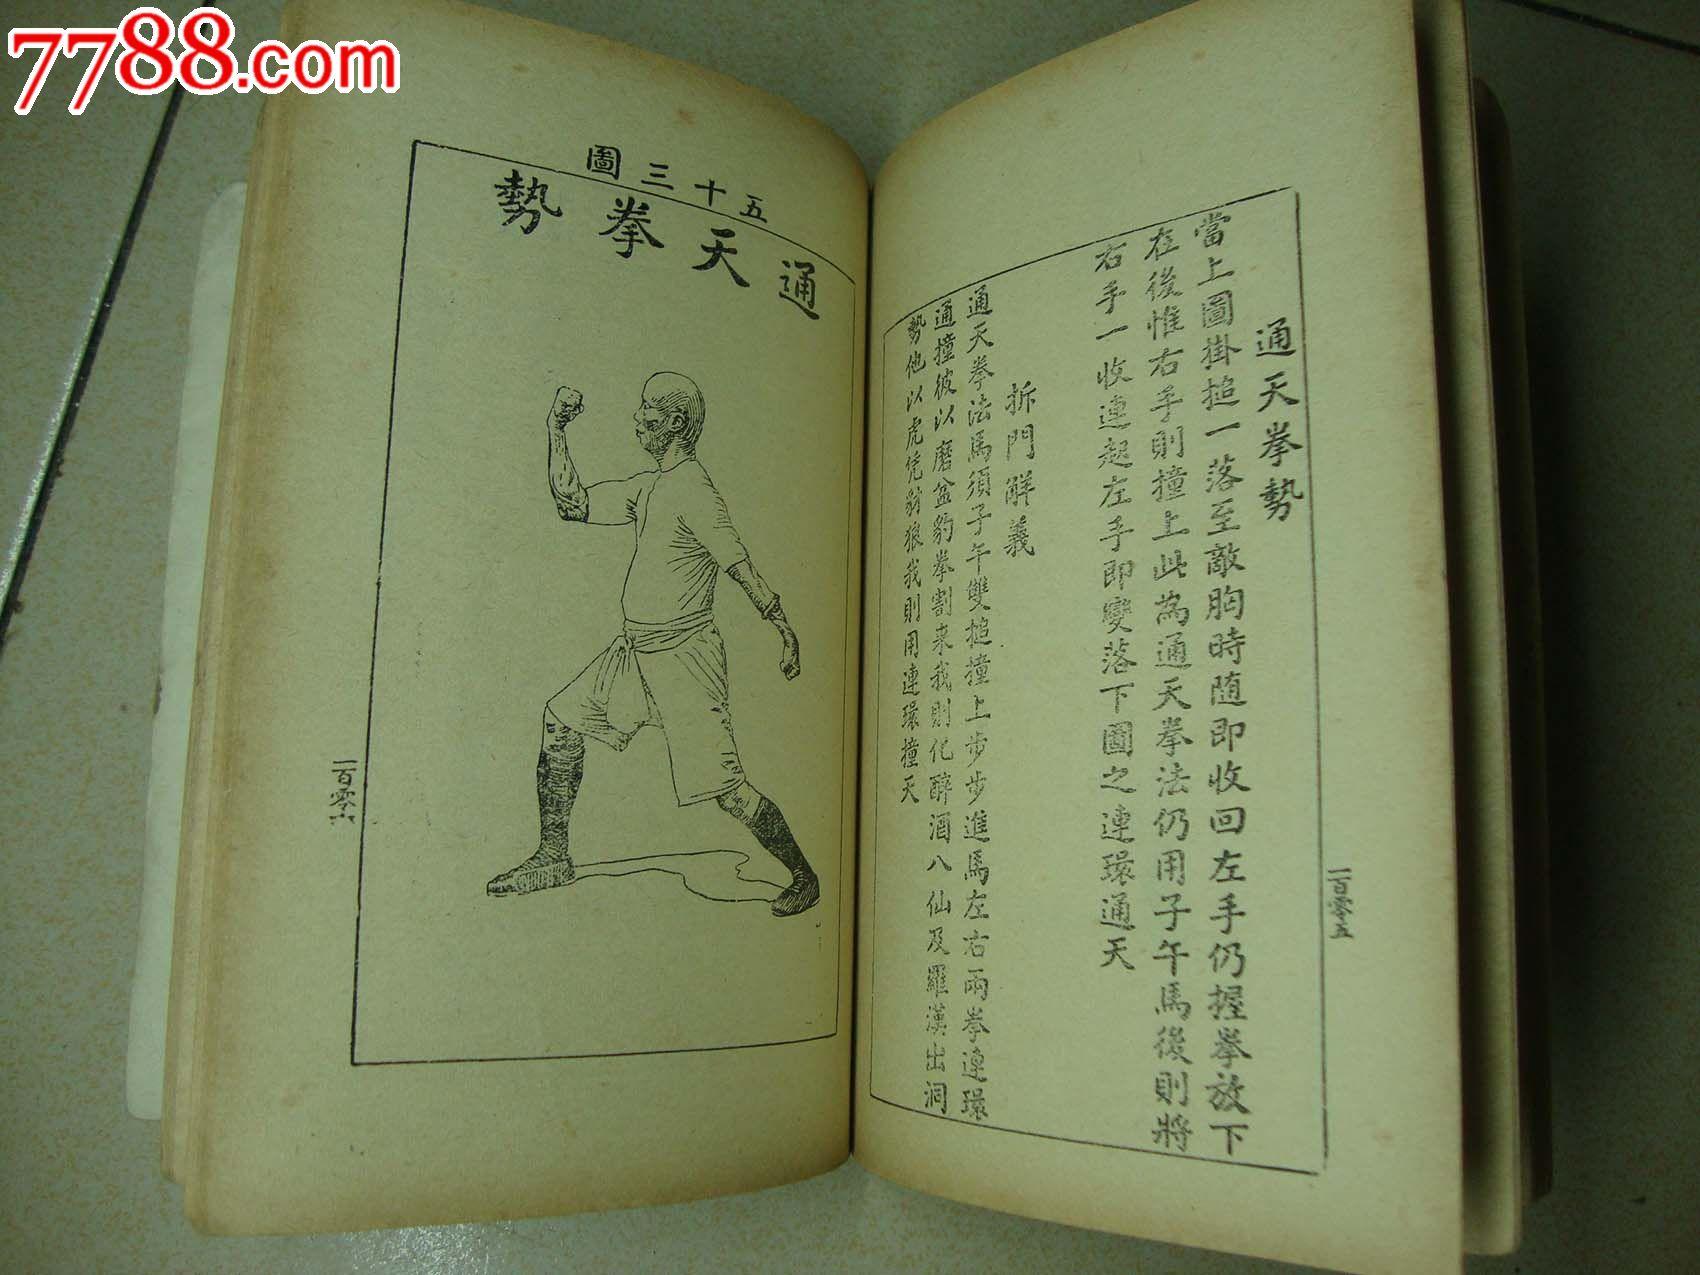 岭南拳术林世荣遗技/虎鹤双形